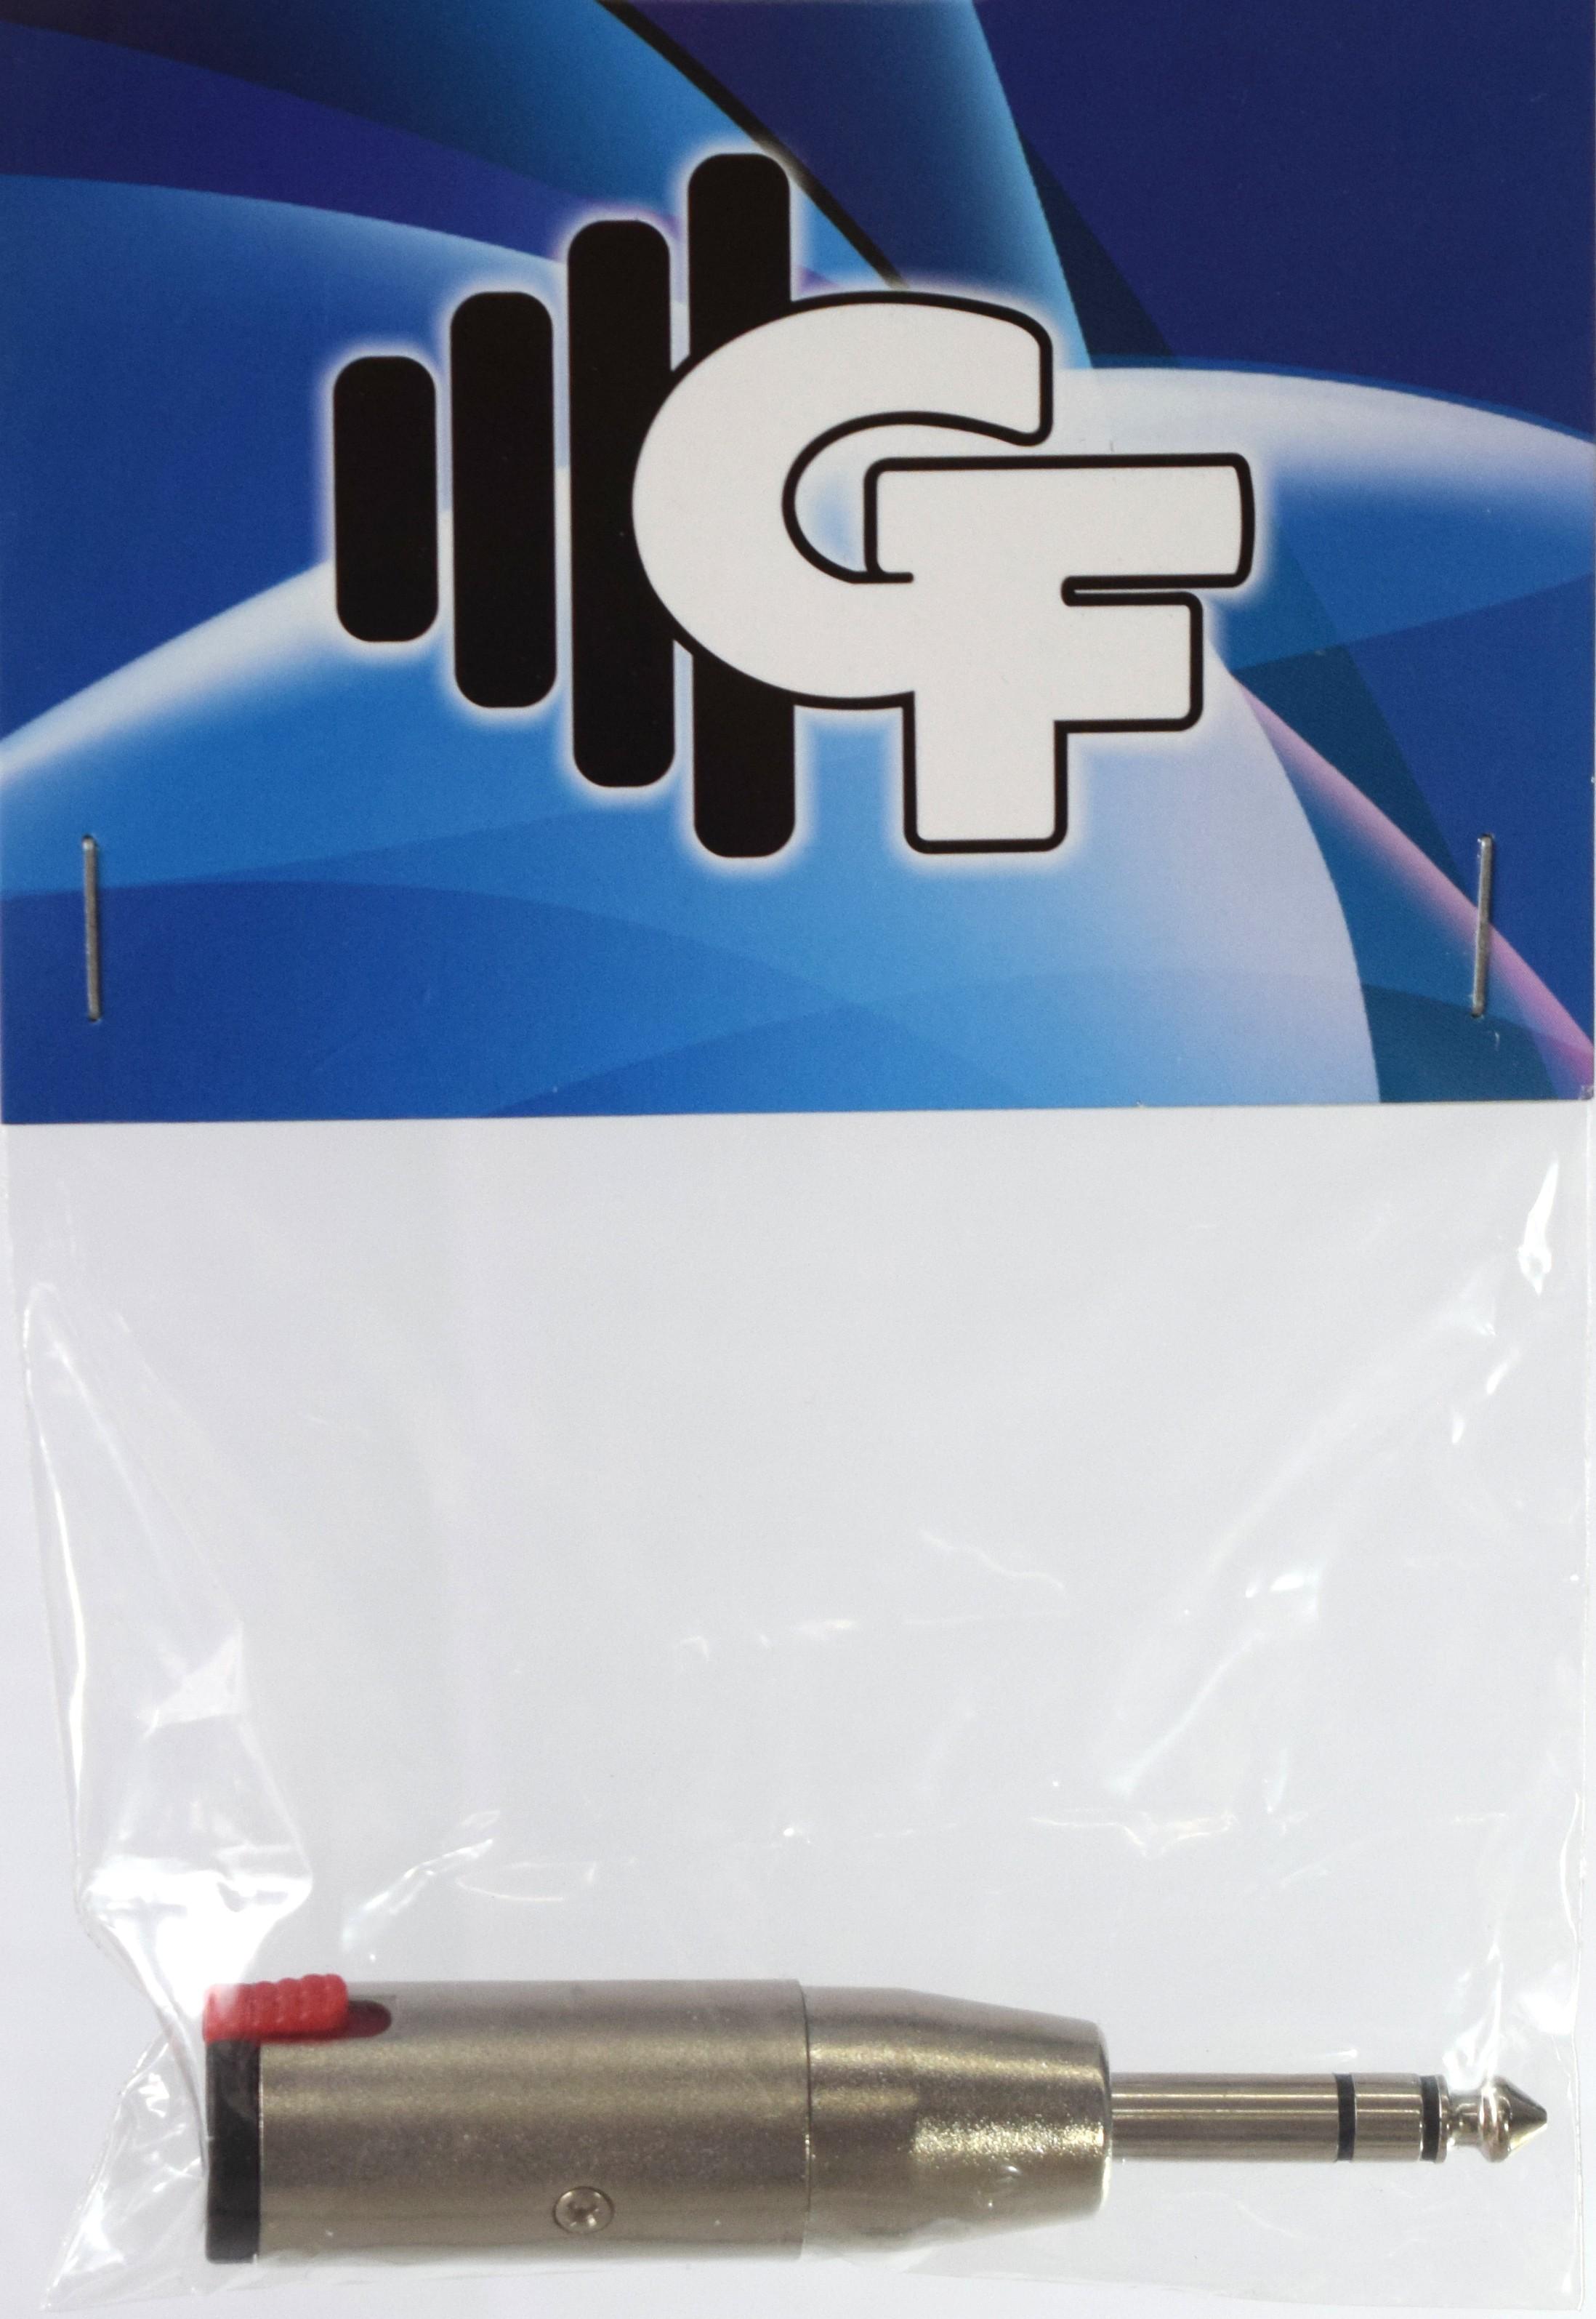 GRF CONNECTOR TRANSFORMER - 1/4 FEMALE MONO X 1/4 MALE STEREO